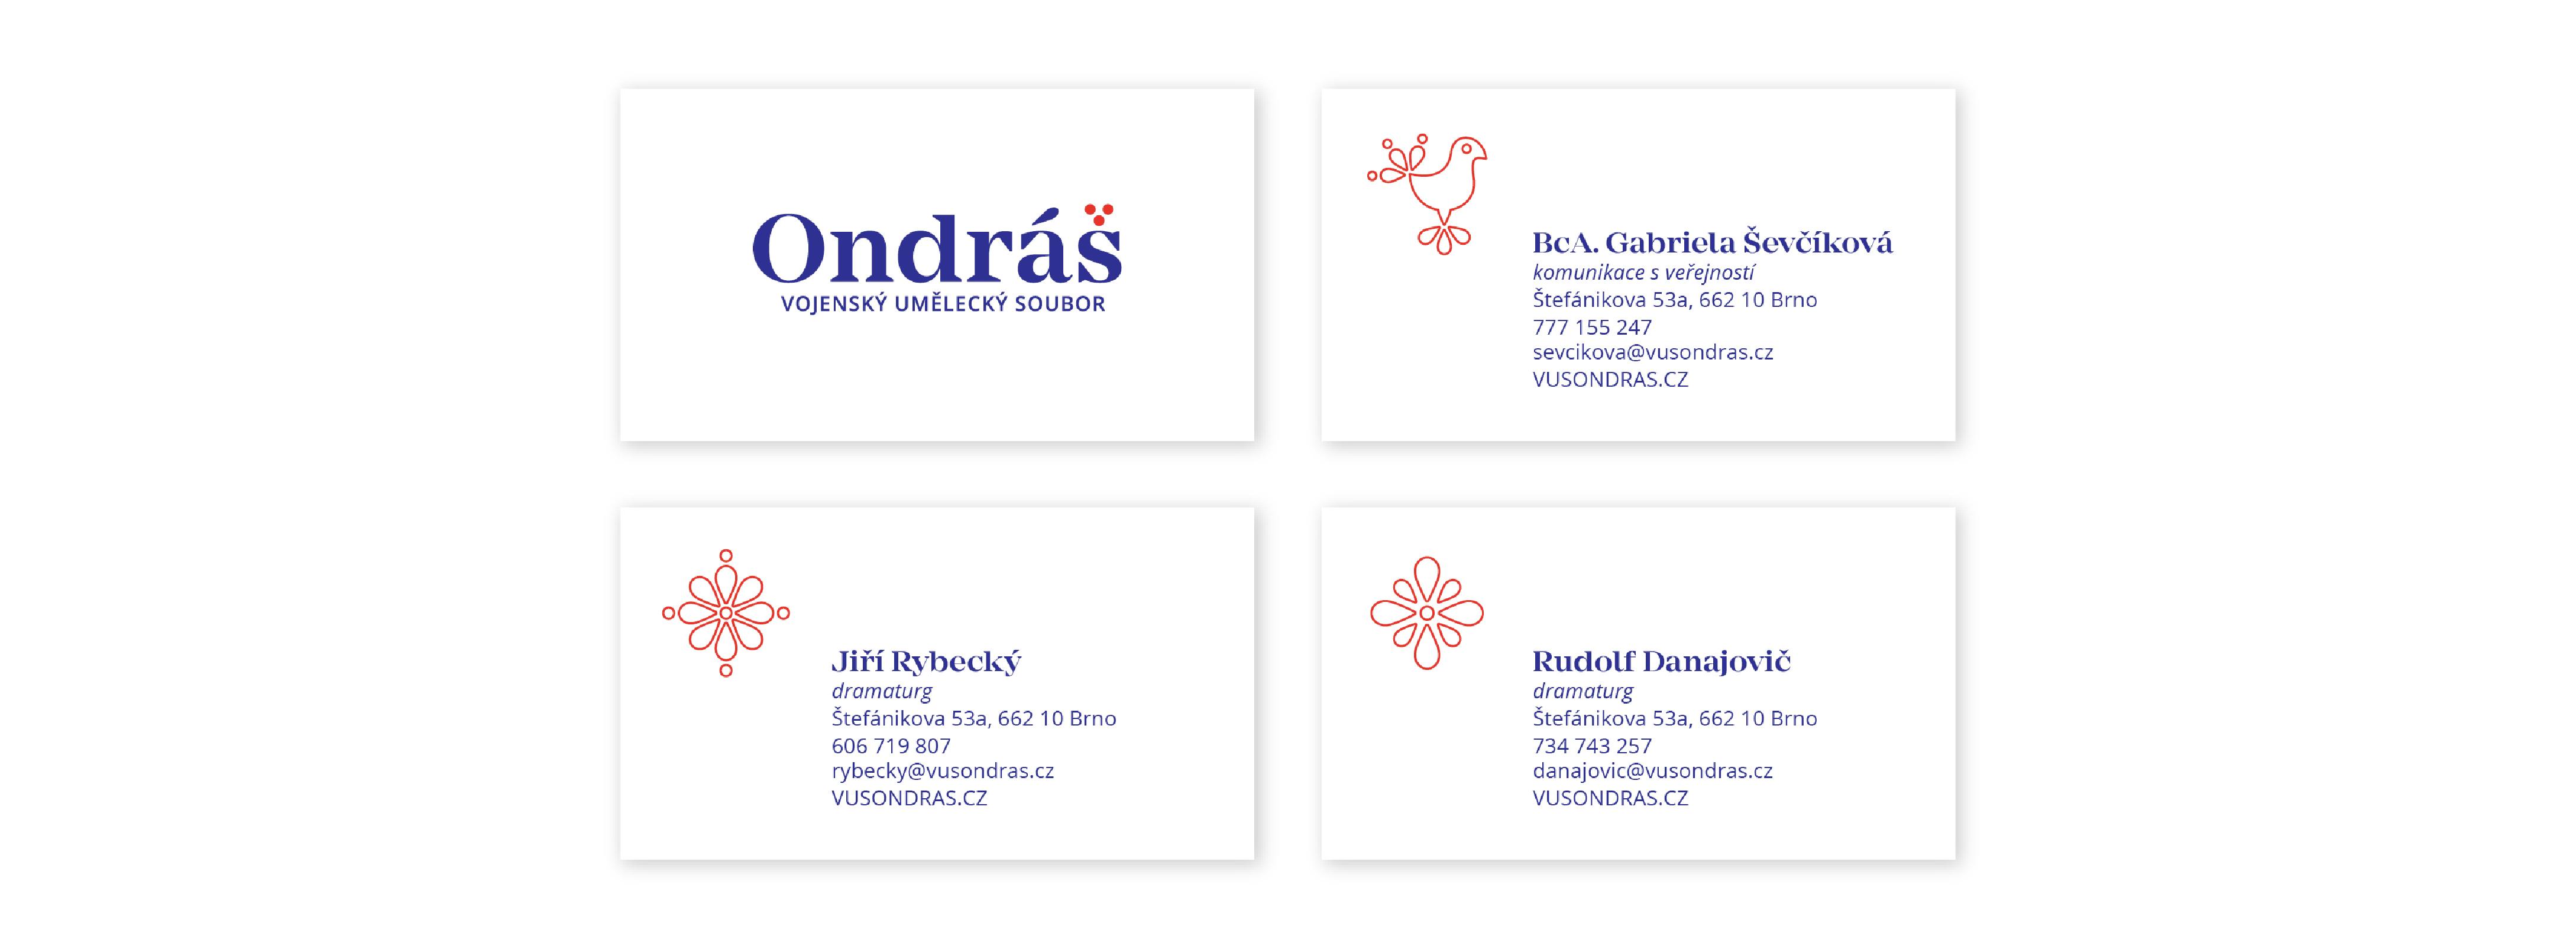 Ondras_Design_Veronika_Rut_Novakova